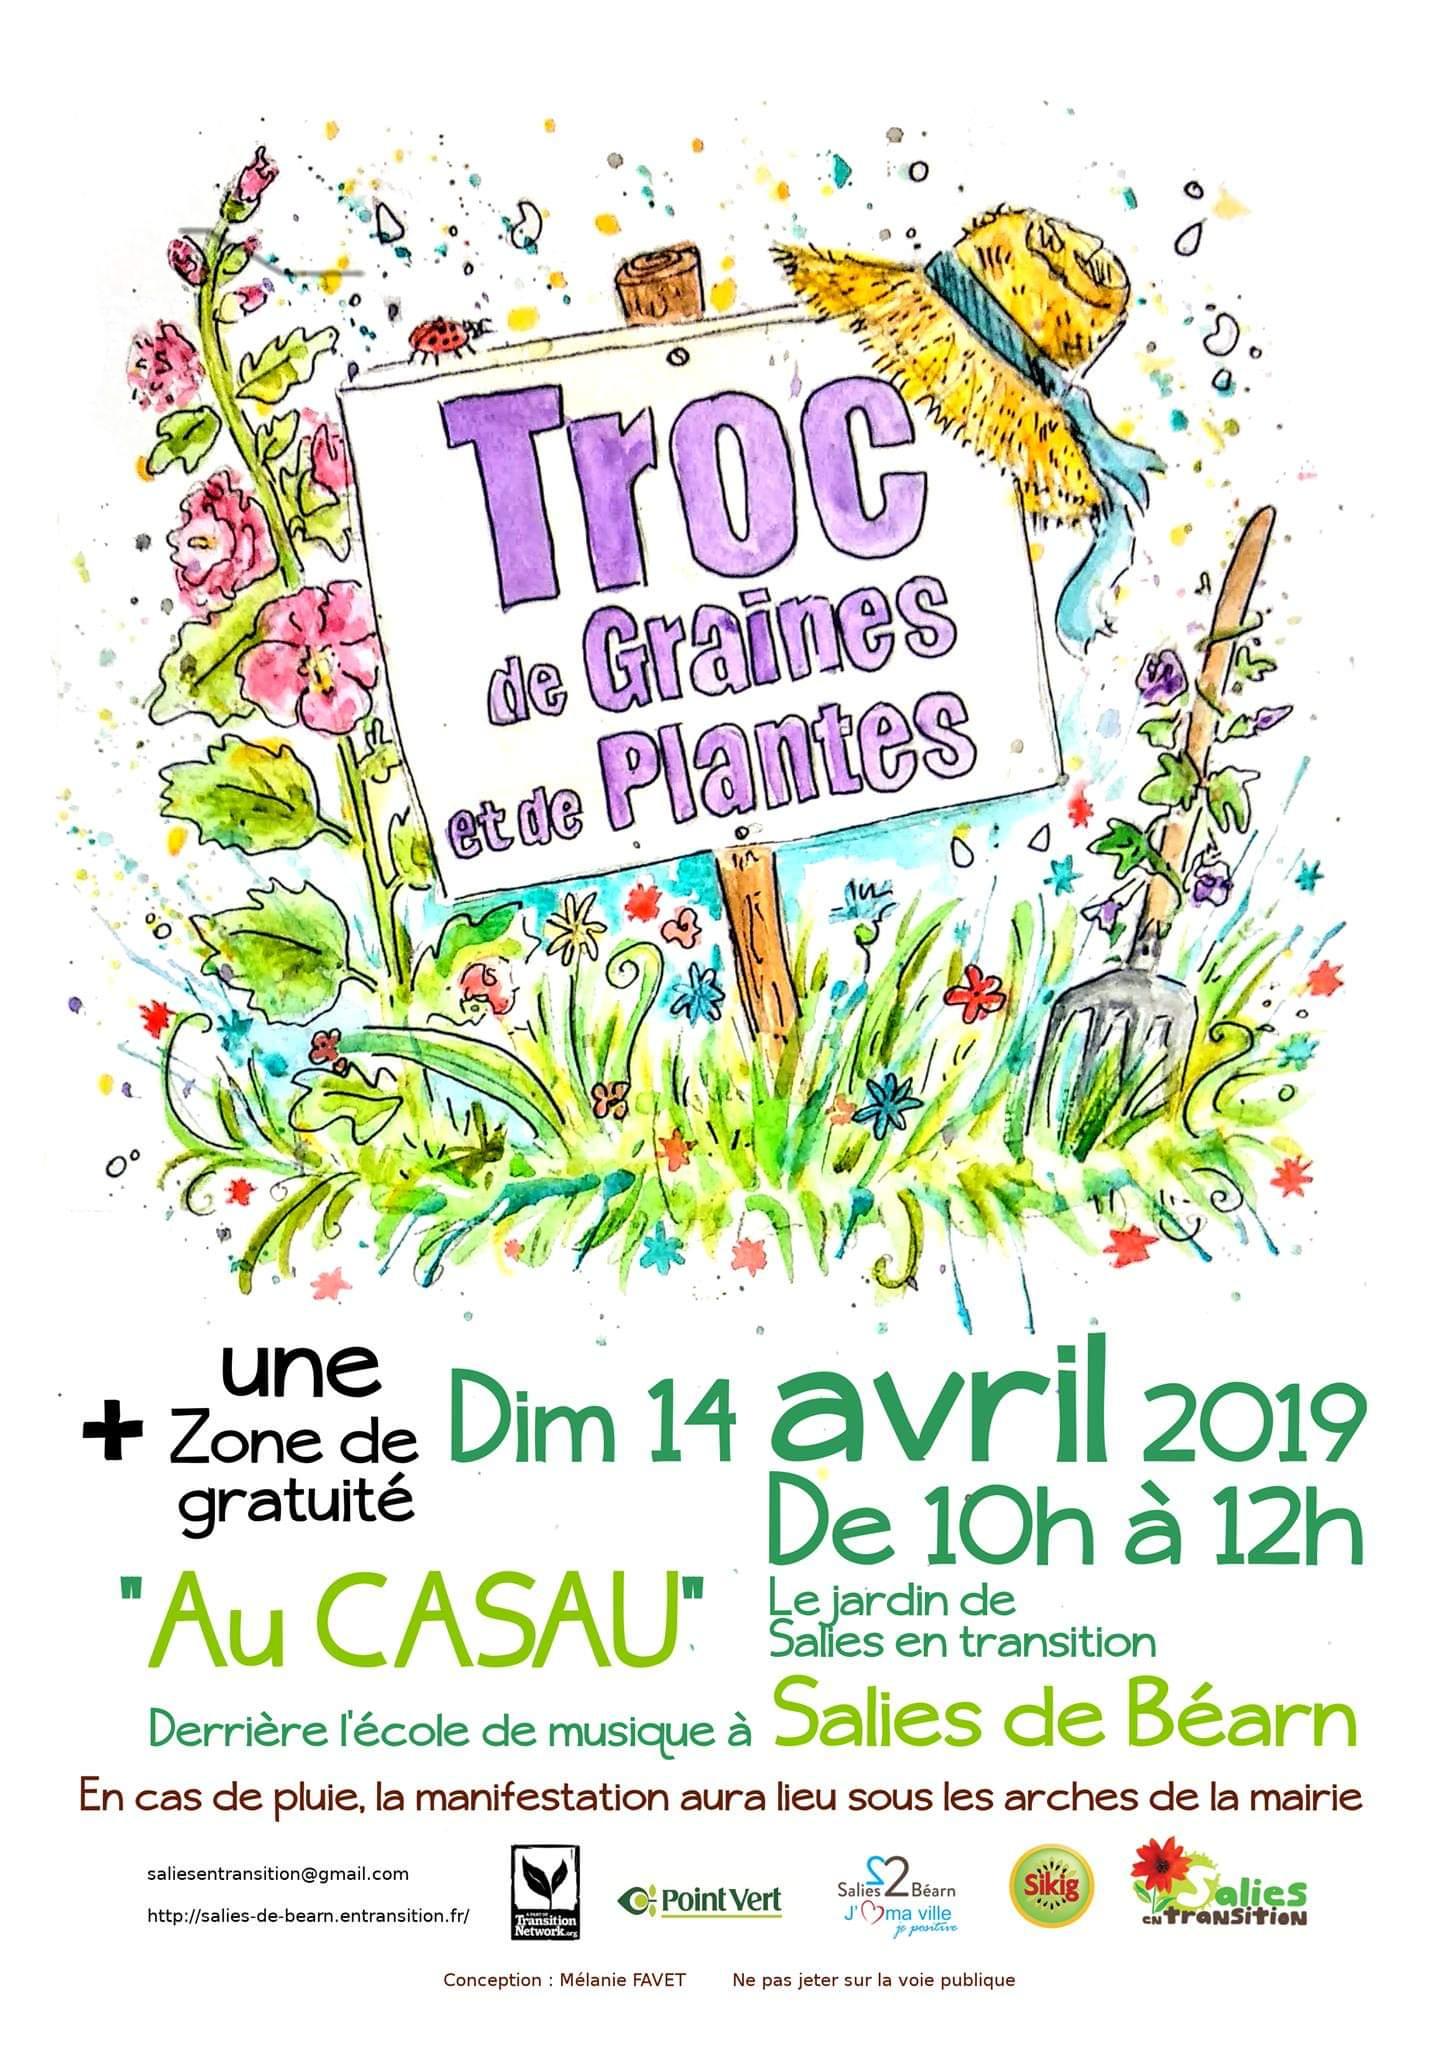 Graines Et Plantes Calendrier Lunaire Mars 2020.14 Avril De 10h A 12h Le 23 Ieme Troc De Graines Et De